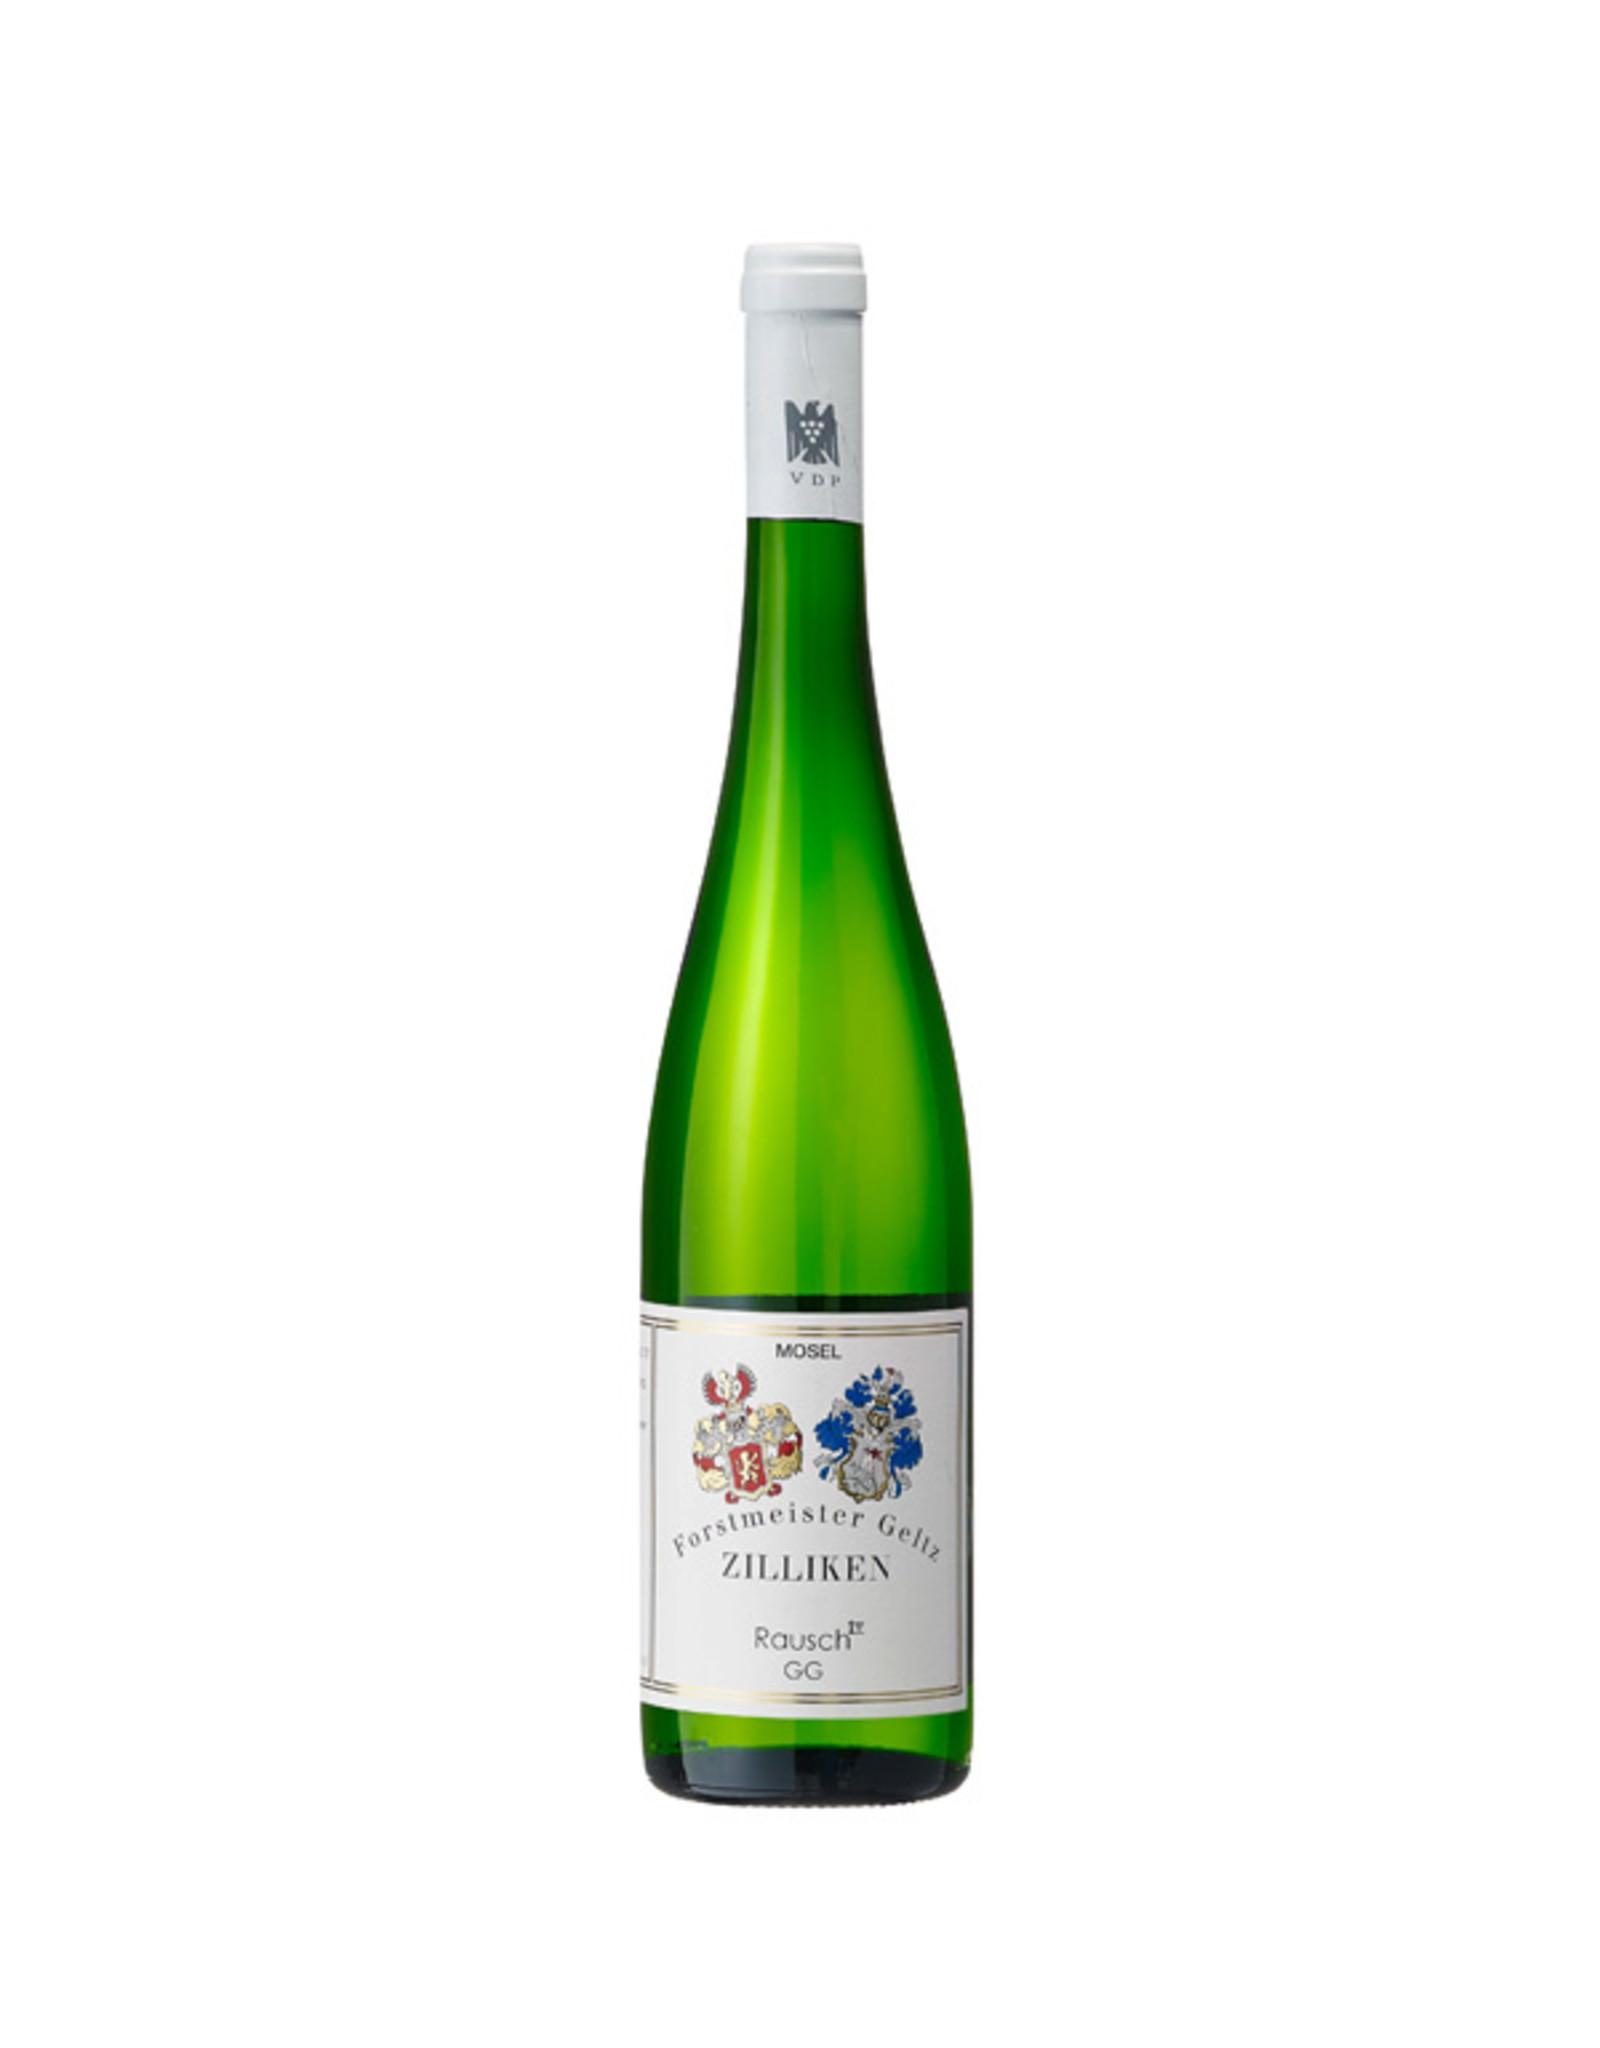 Weingut Forstmeister Geltz Zilliken, Saarburg Zilliken Rausch GG 2016